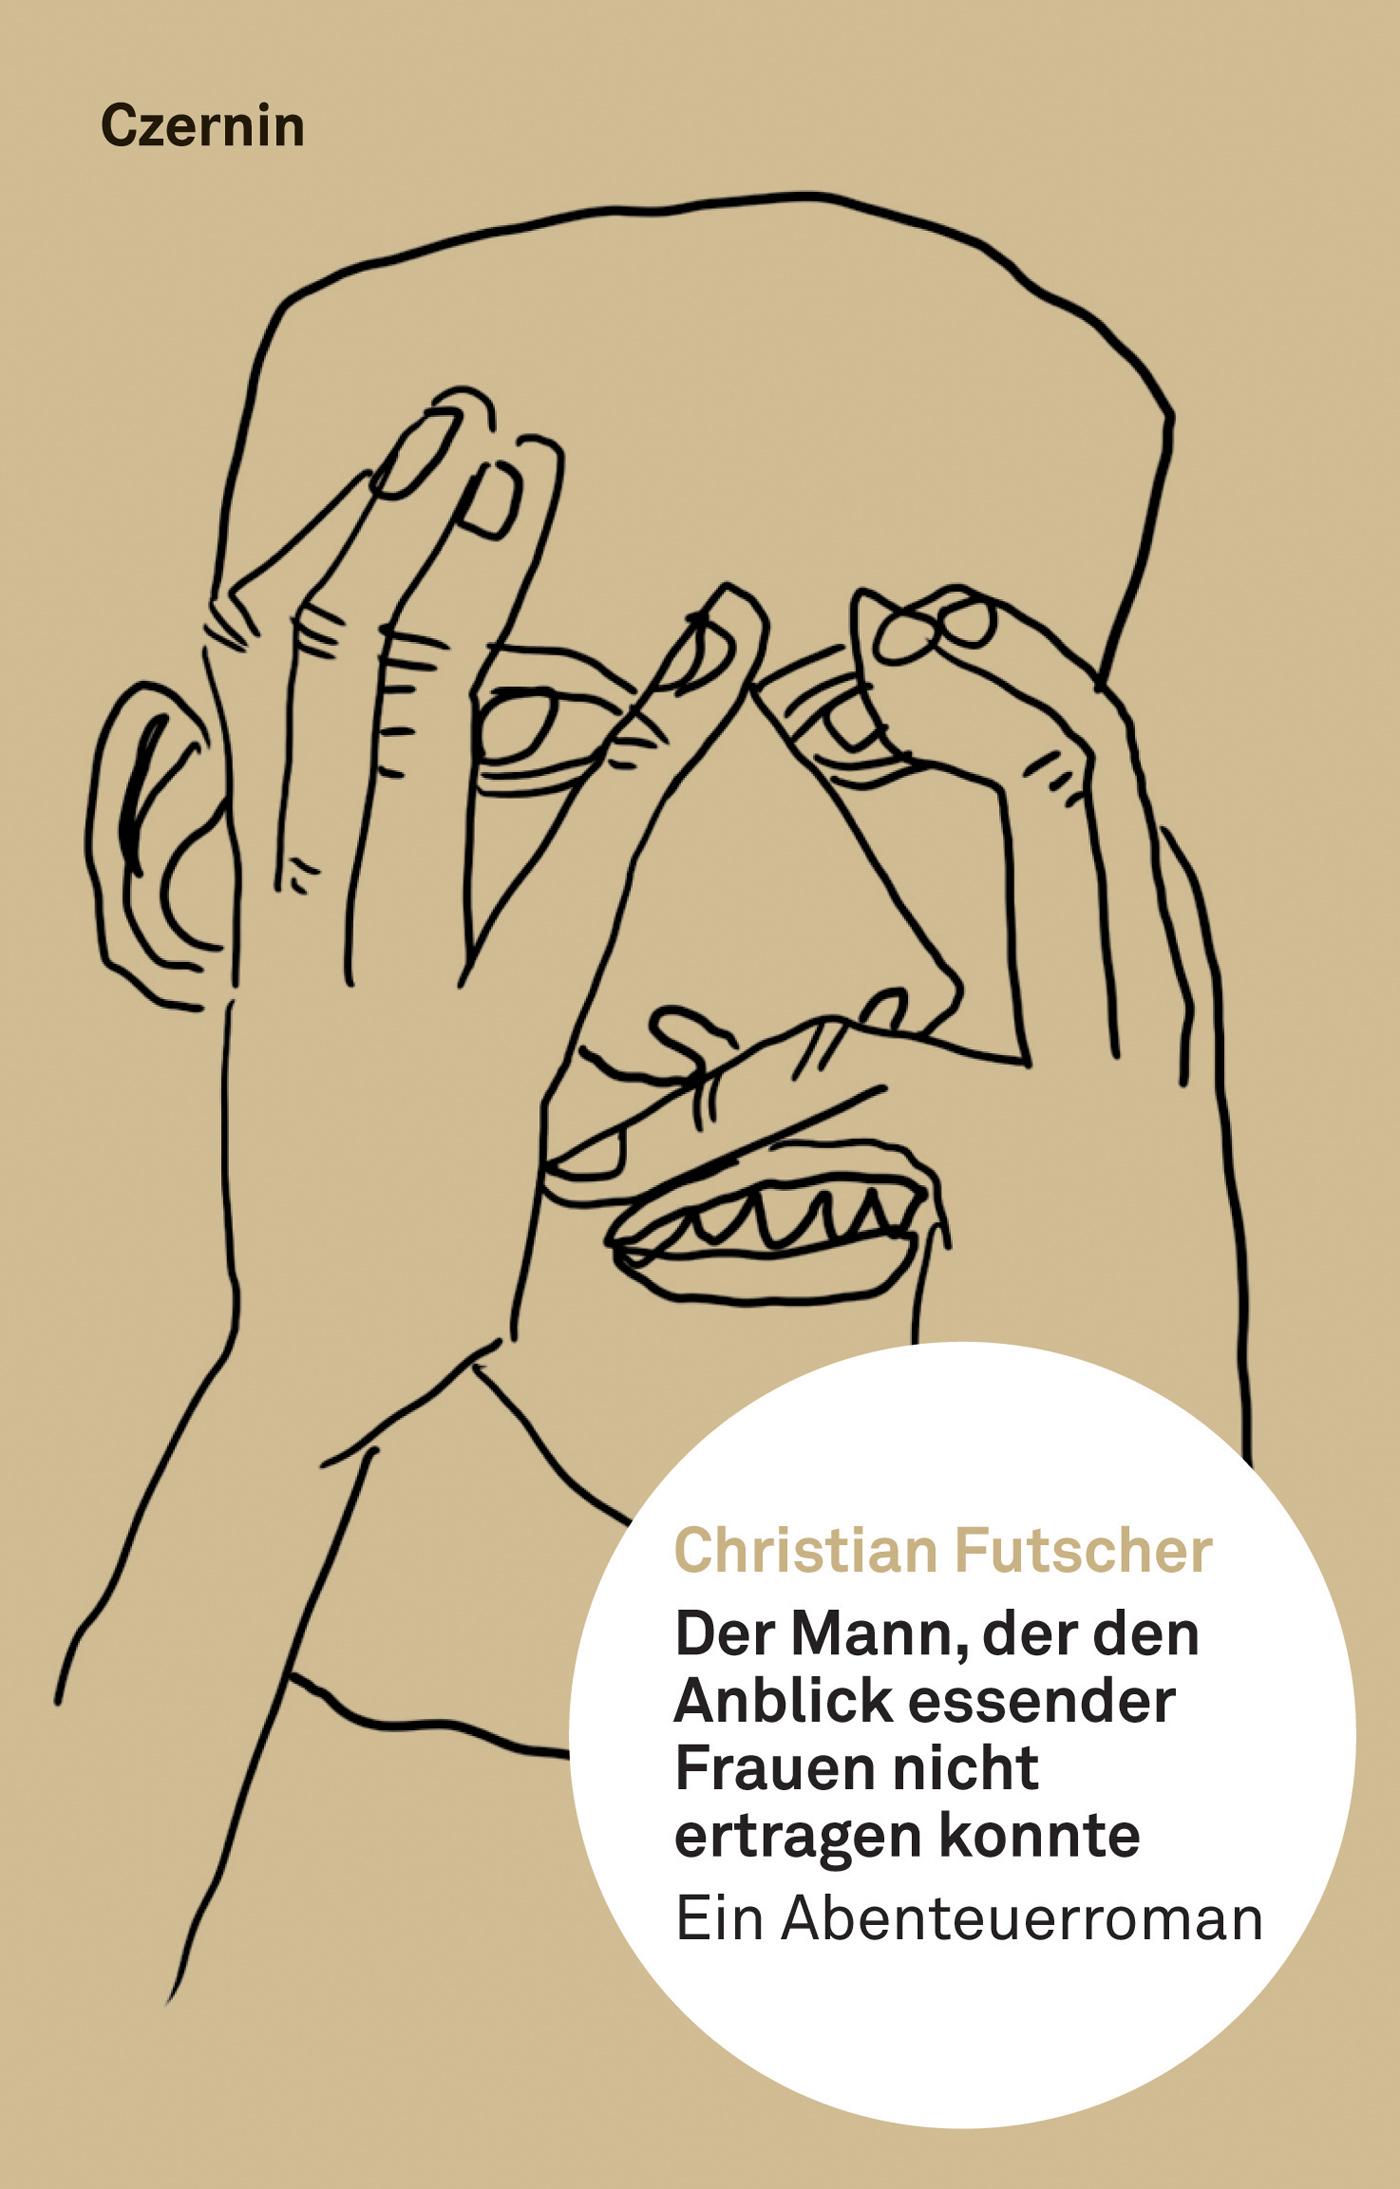 Christian Futscher Der Mann, der den Anblick essender Frauen nicht ertragen konnte